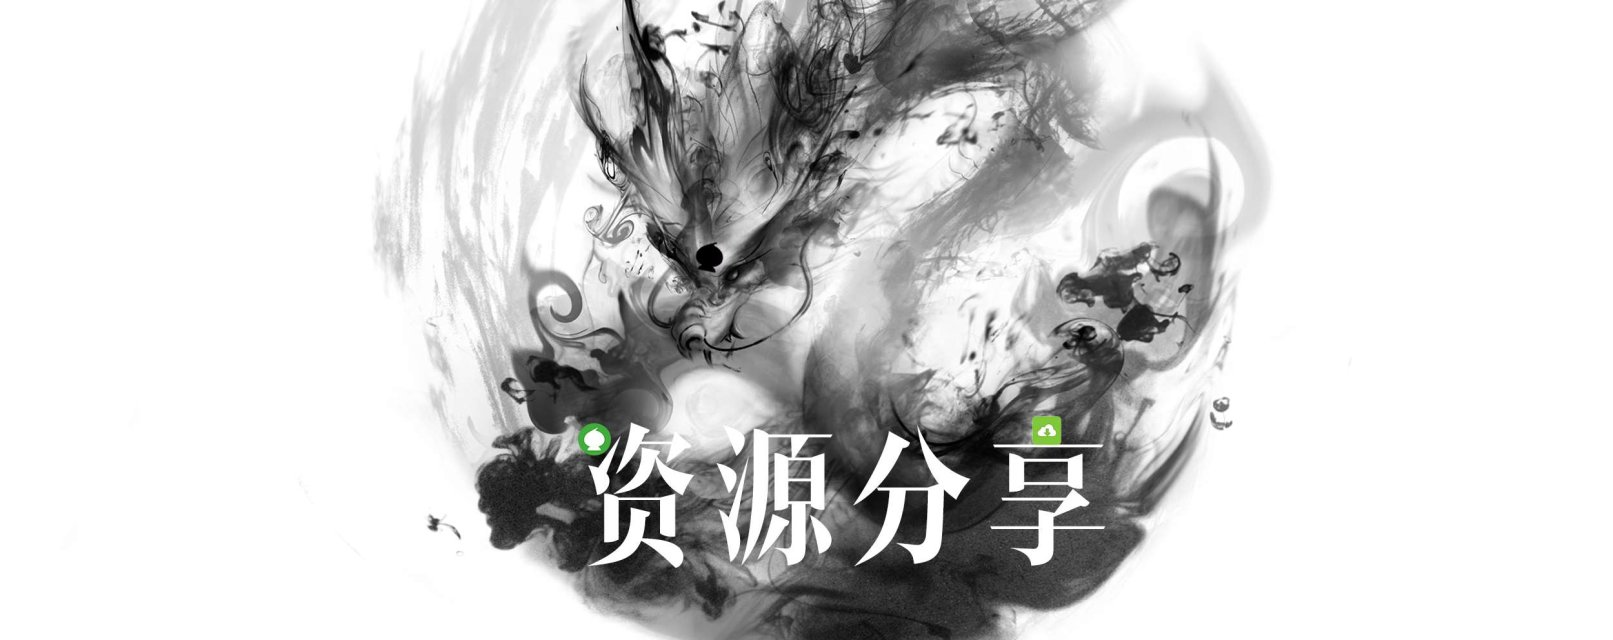 【资源分享】炫播-爱小助